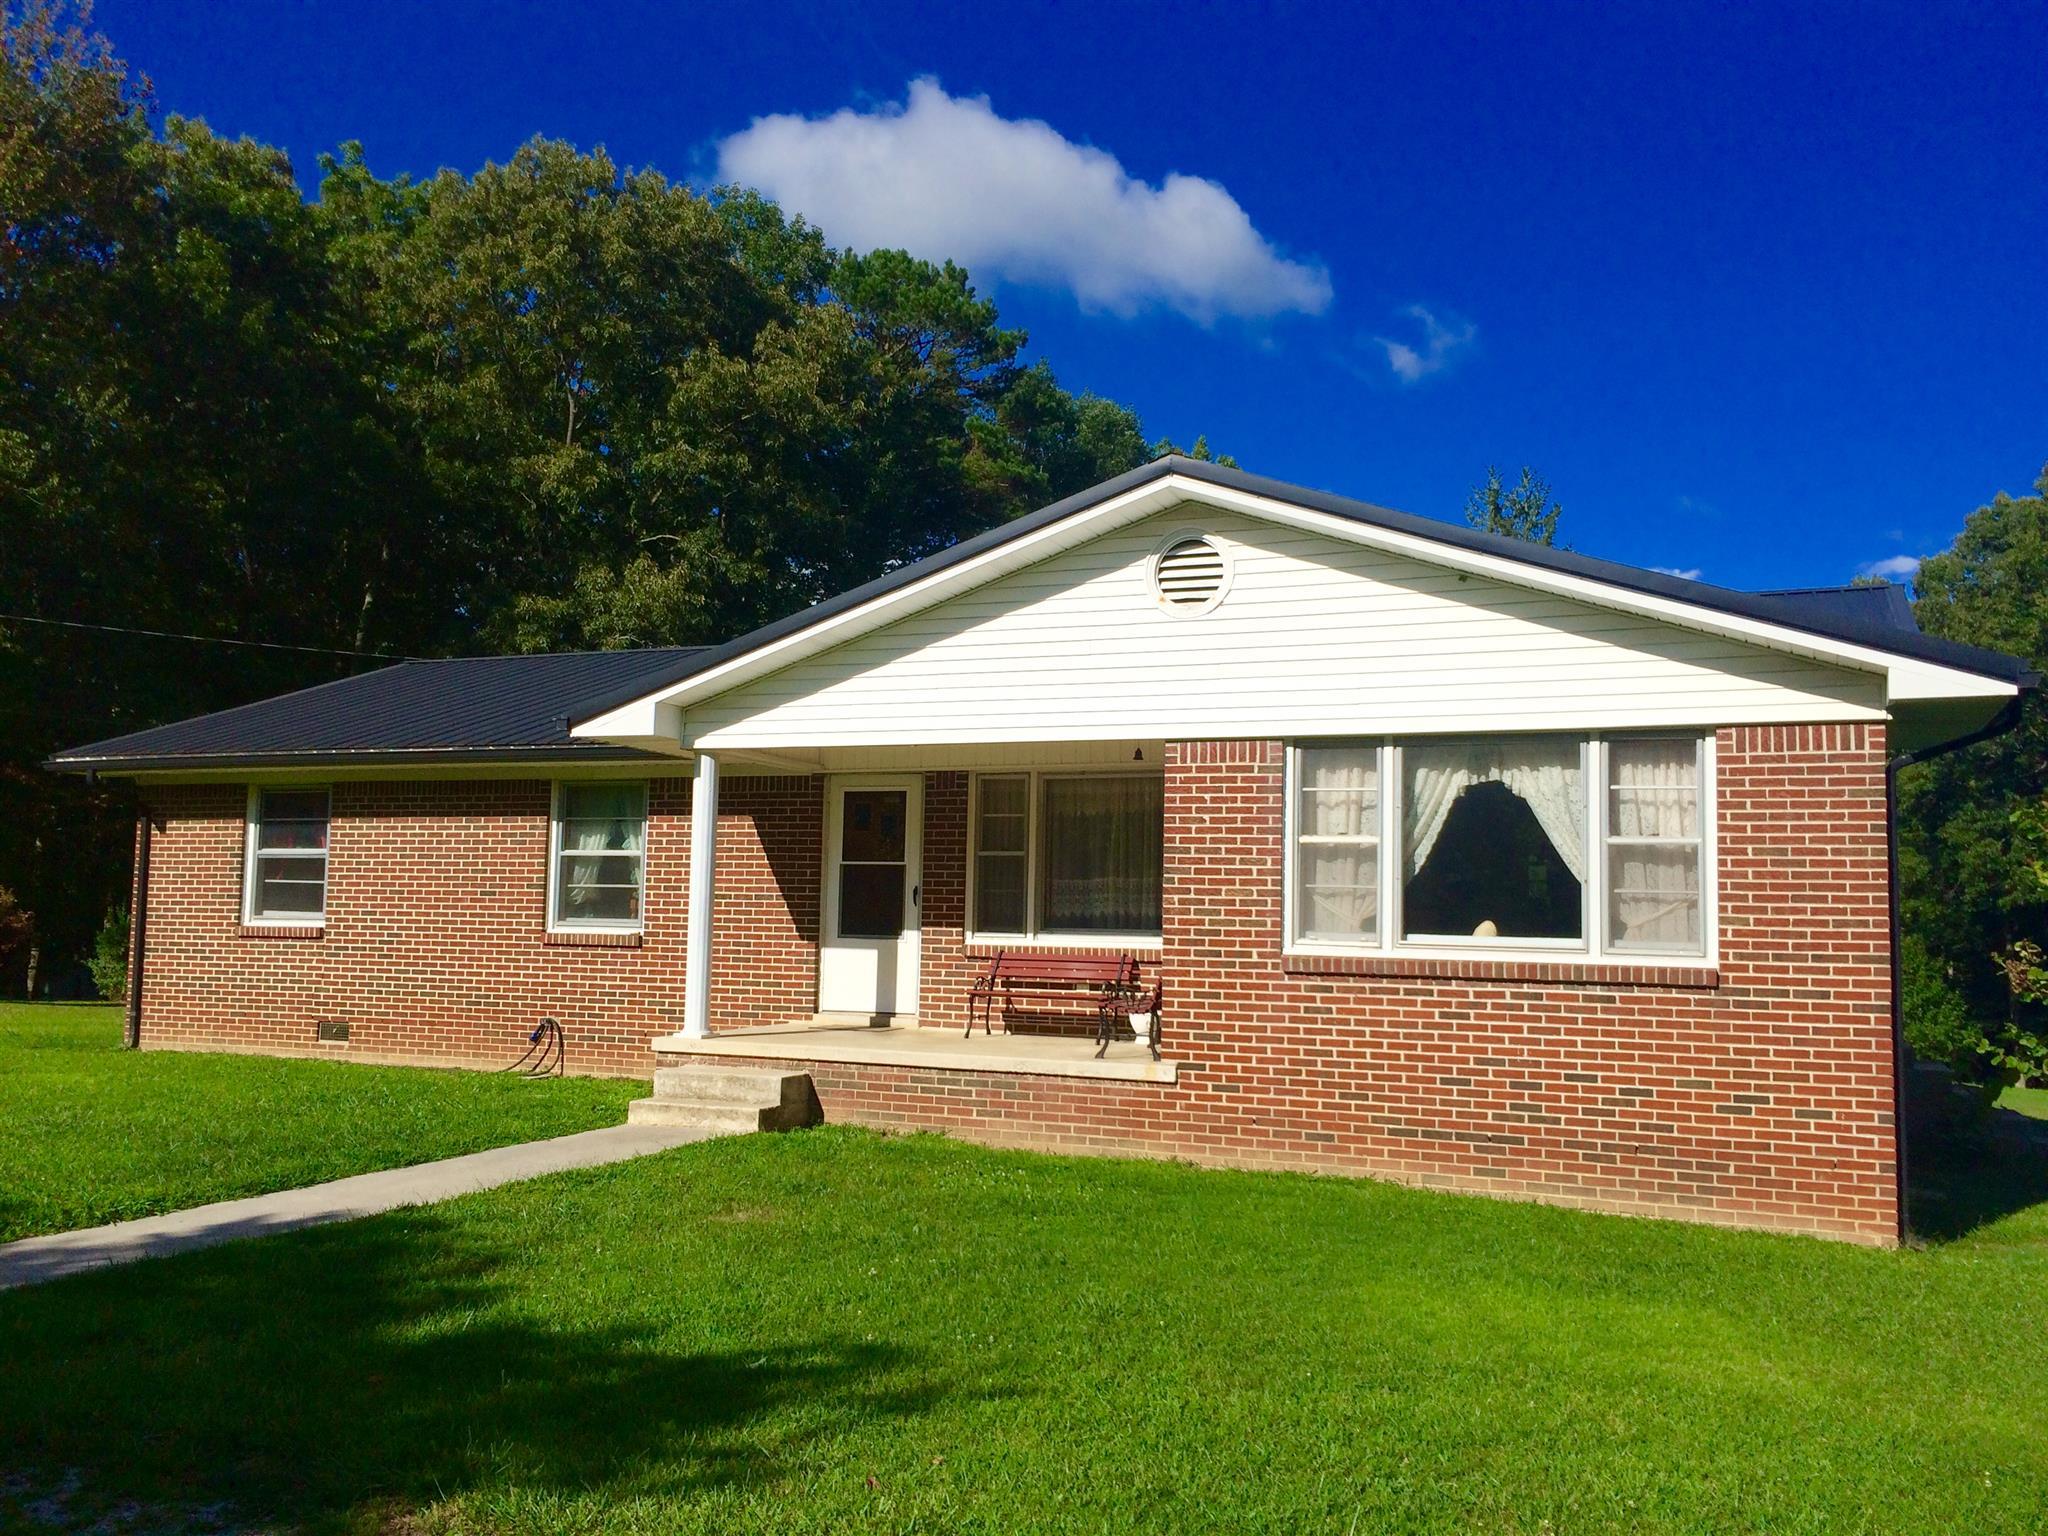 503 Main St, Palmer, TN 37365